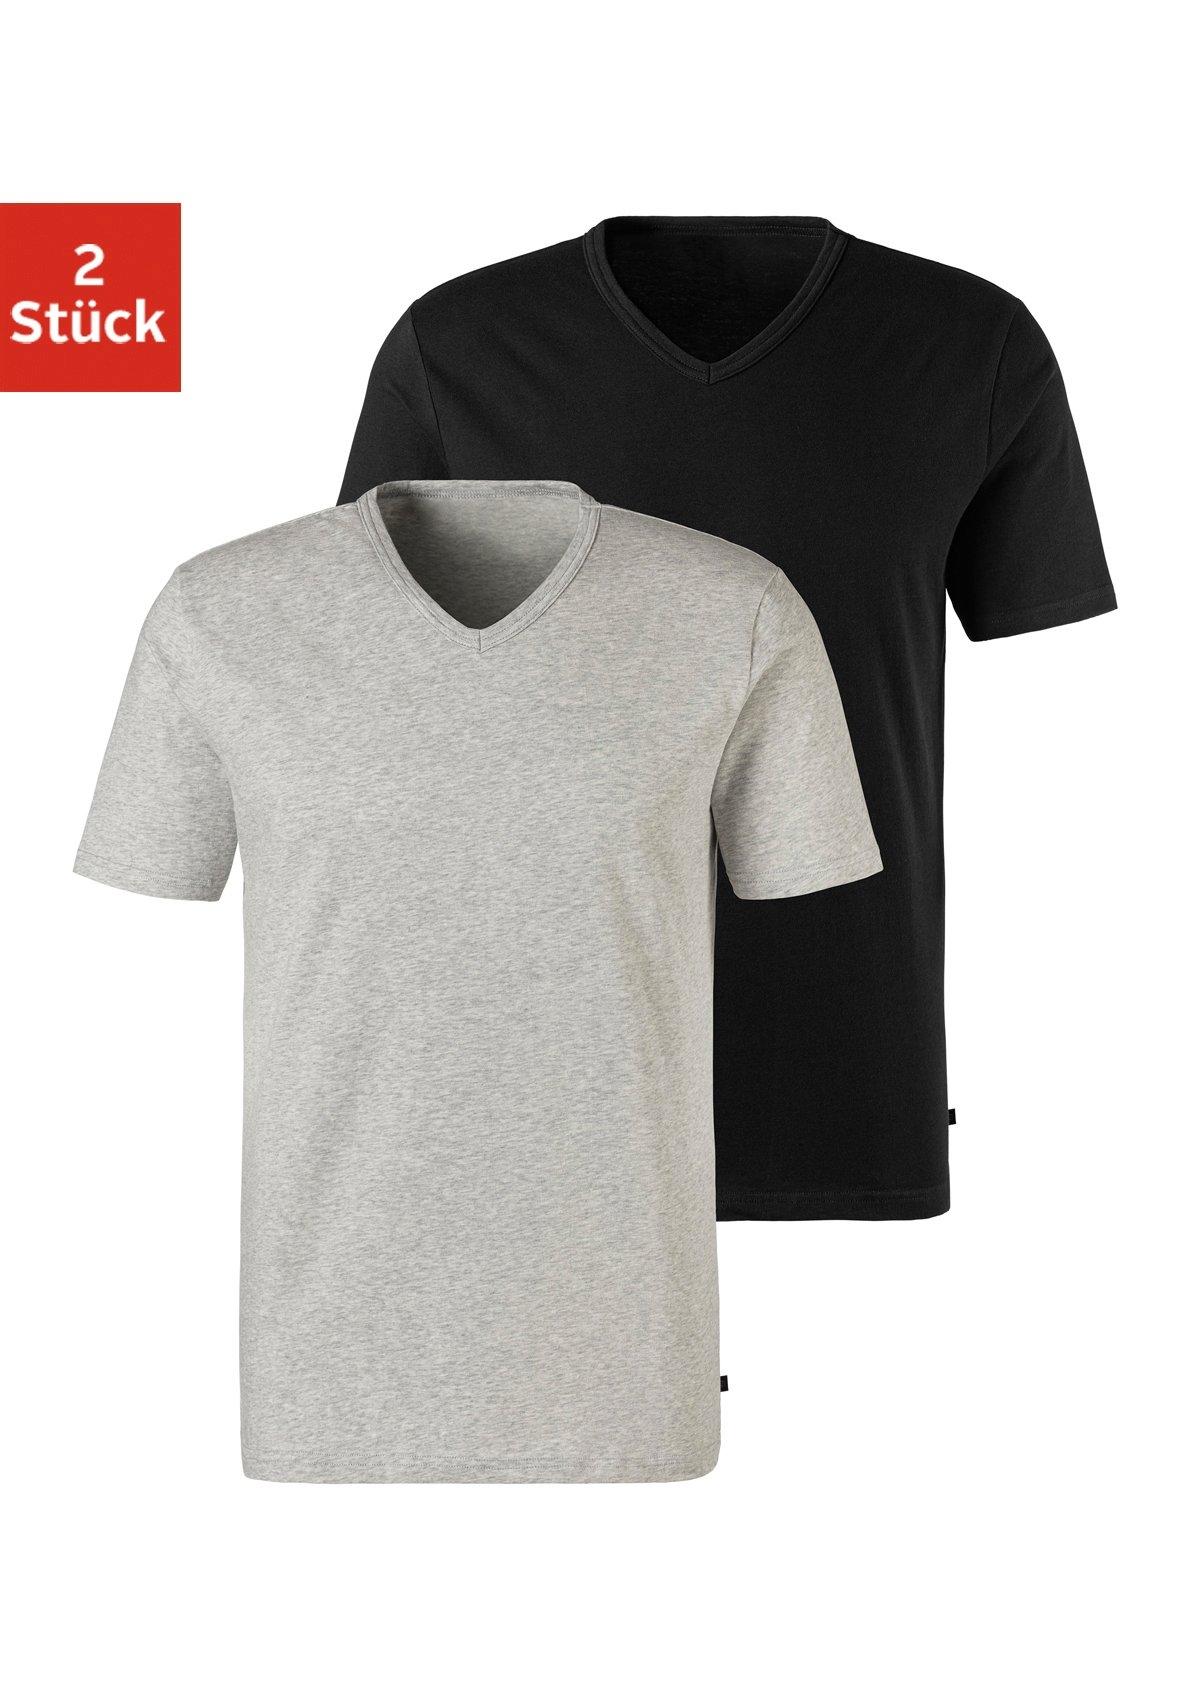 H.I.S shirt voor eronder met v-hals en klein logo (2 stuks) nu online bestellen